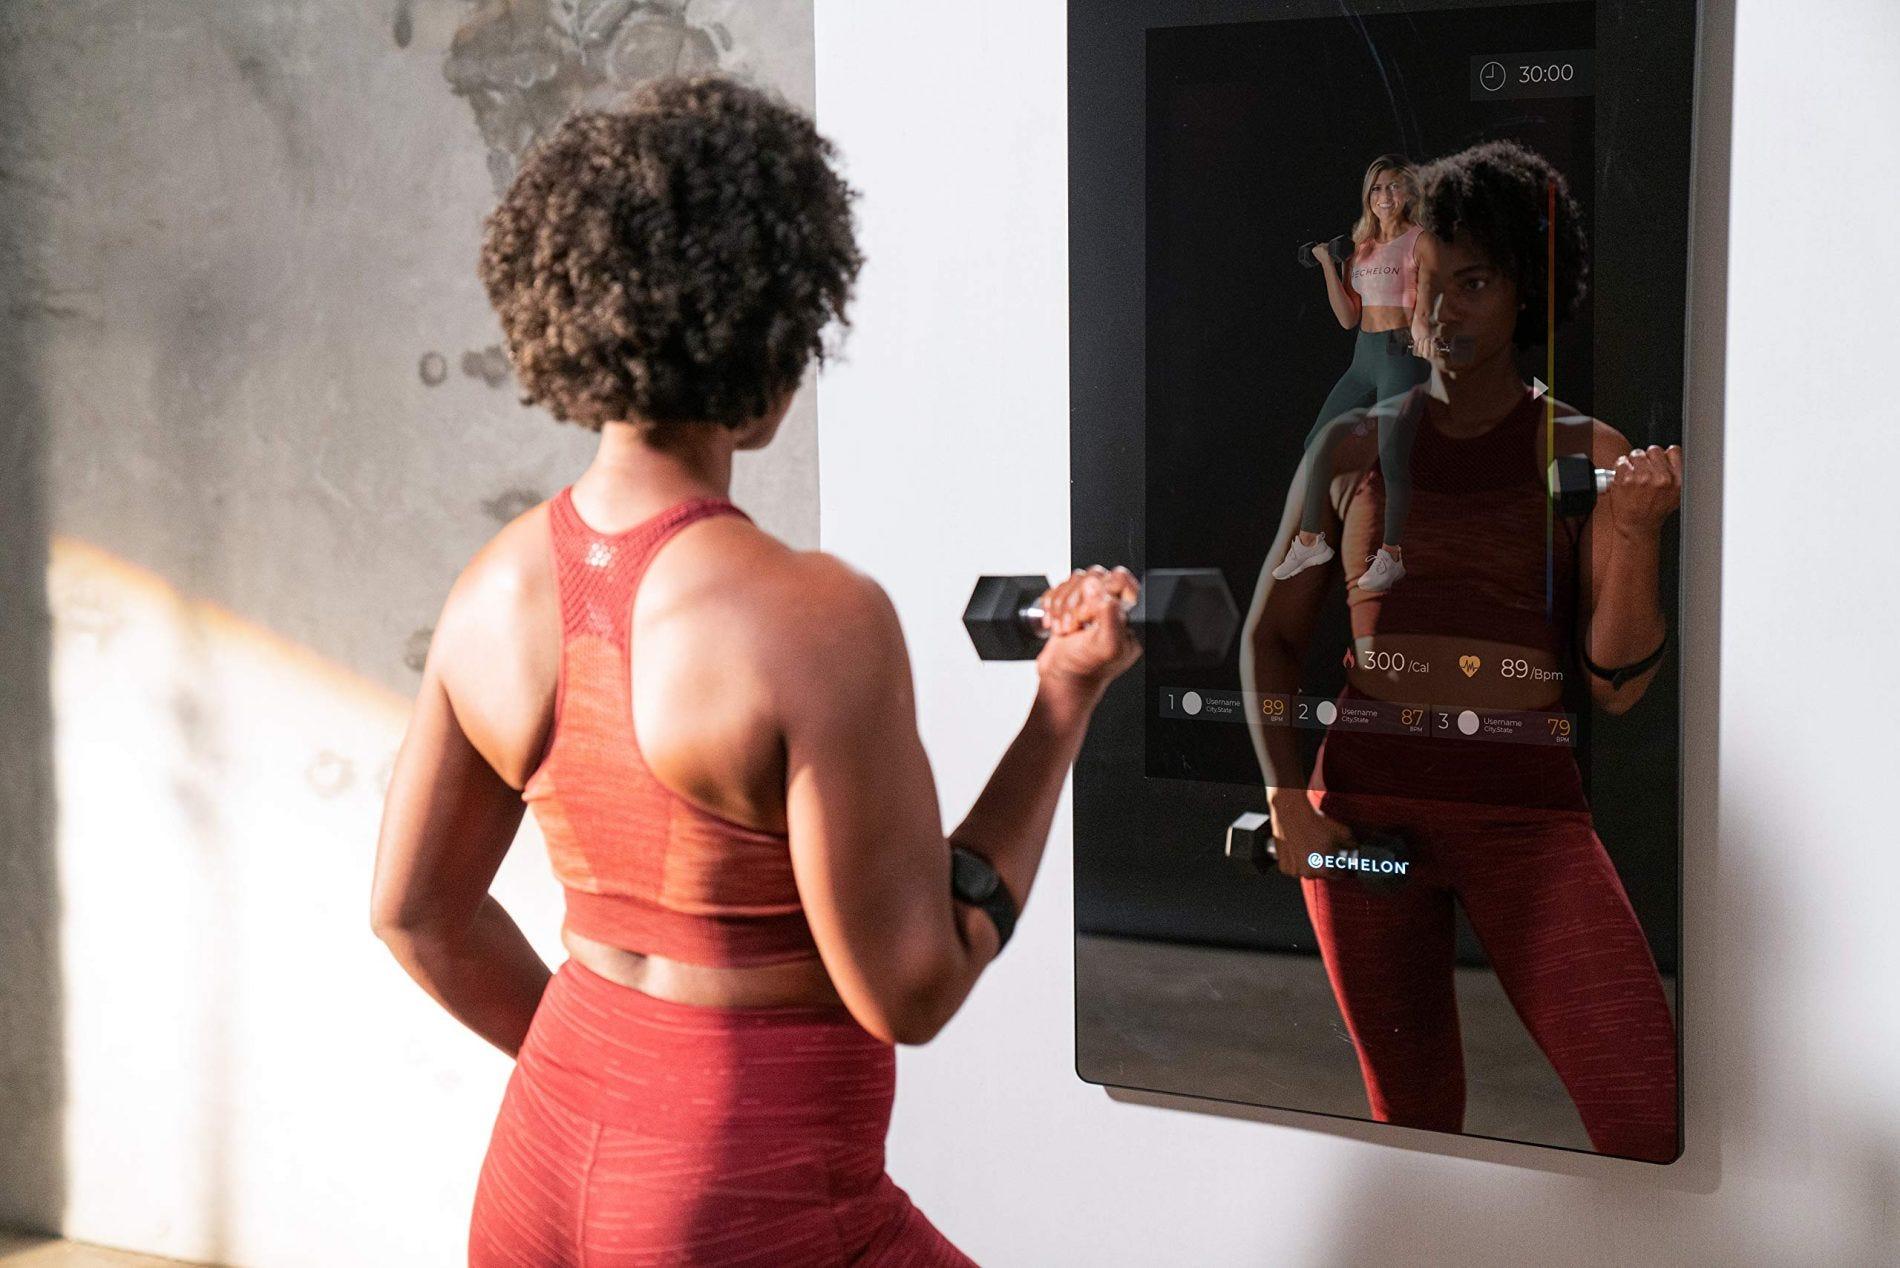 Женщина работает с гантелями перед фитнес-системой Echelon Reflect Touch.